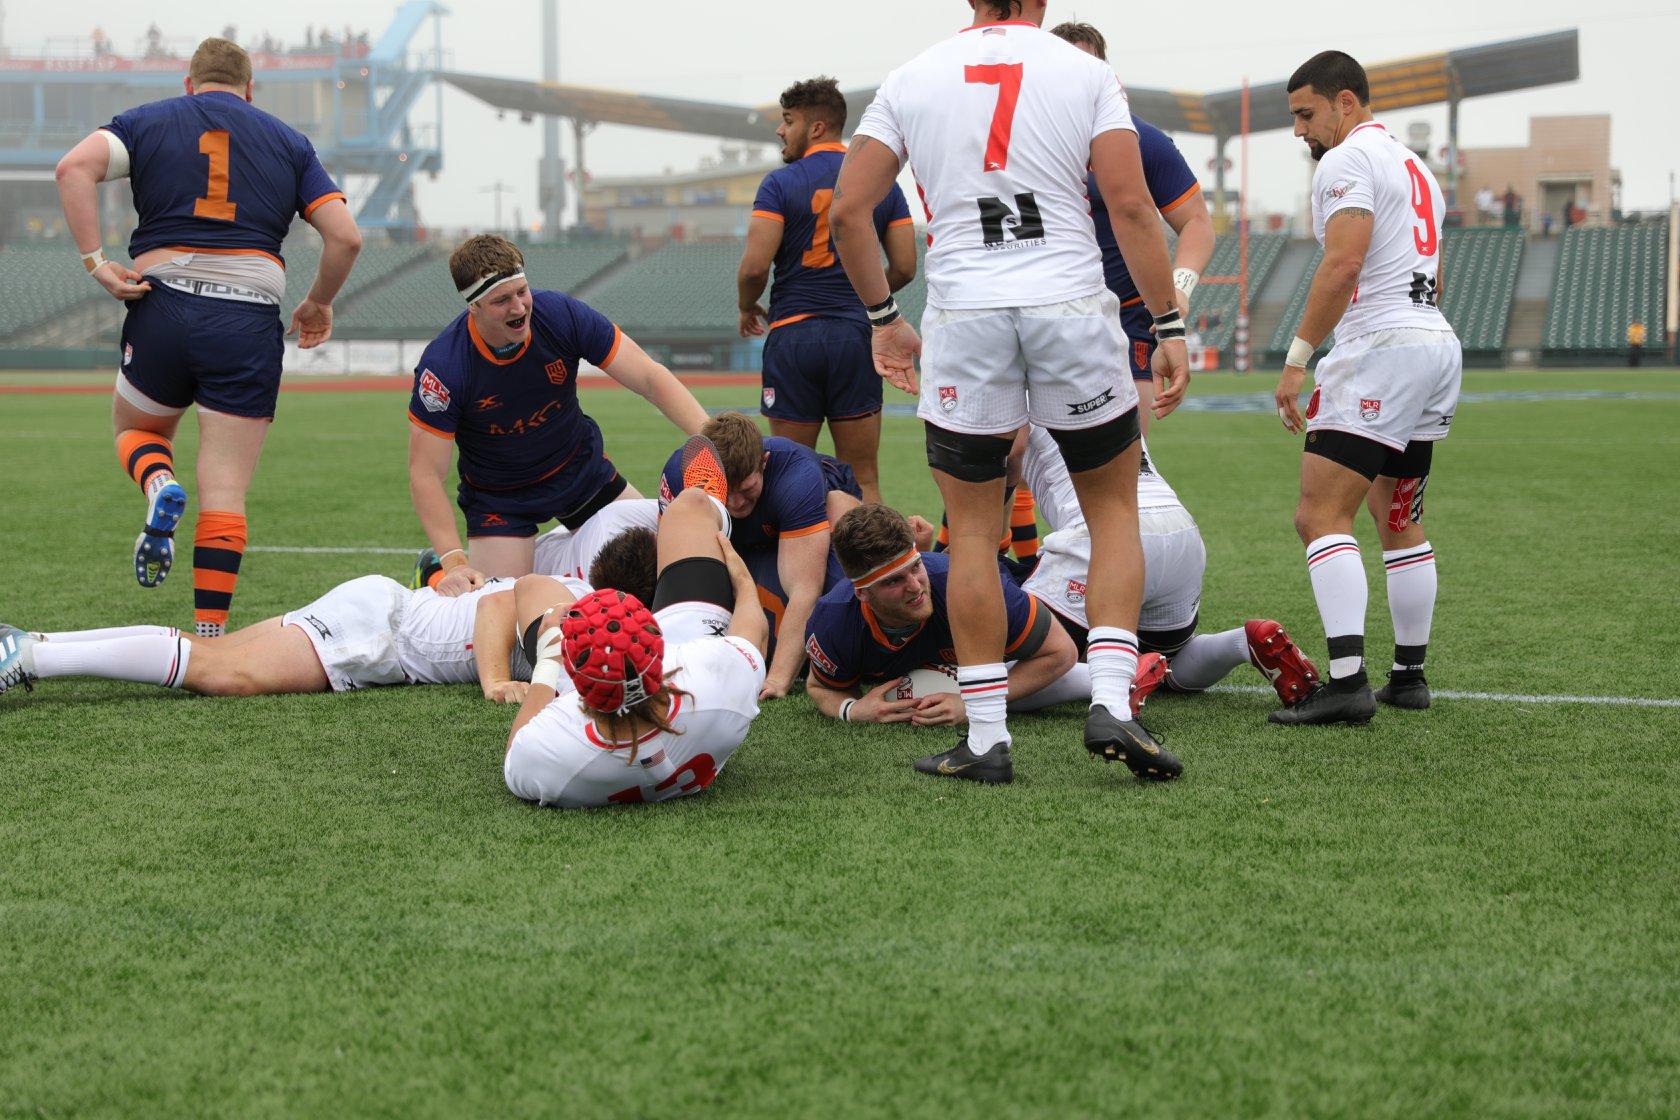 bdd05f77111 Rugby United New York Loses to San Diego Legion - djcoilrugby